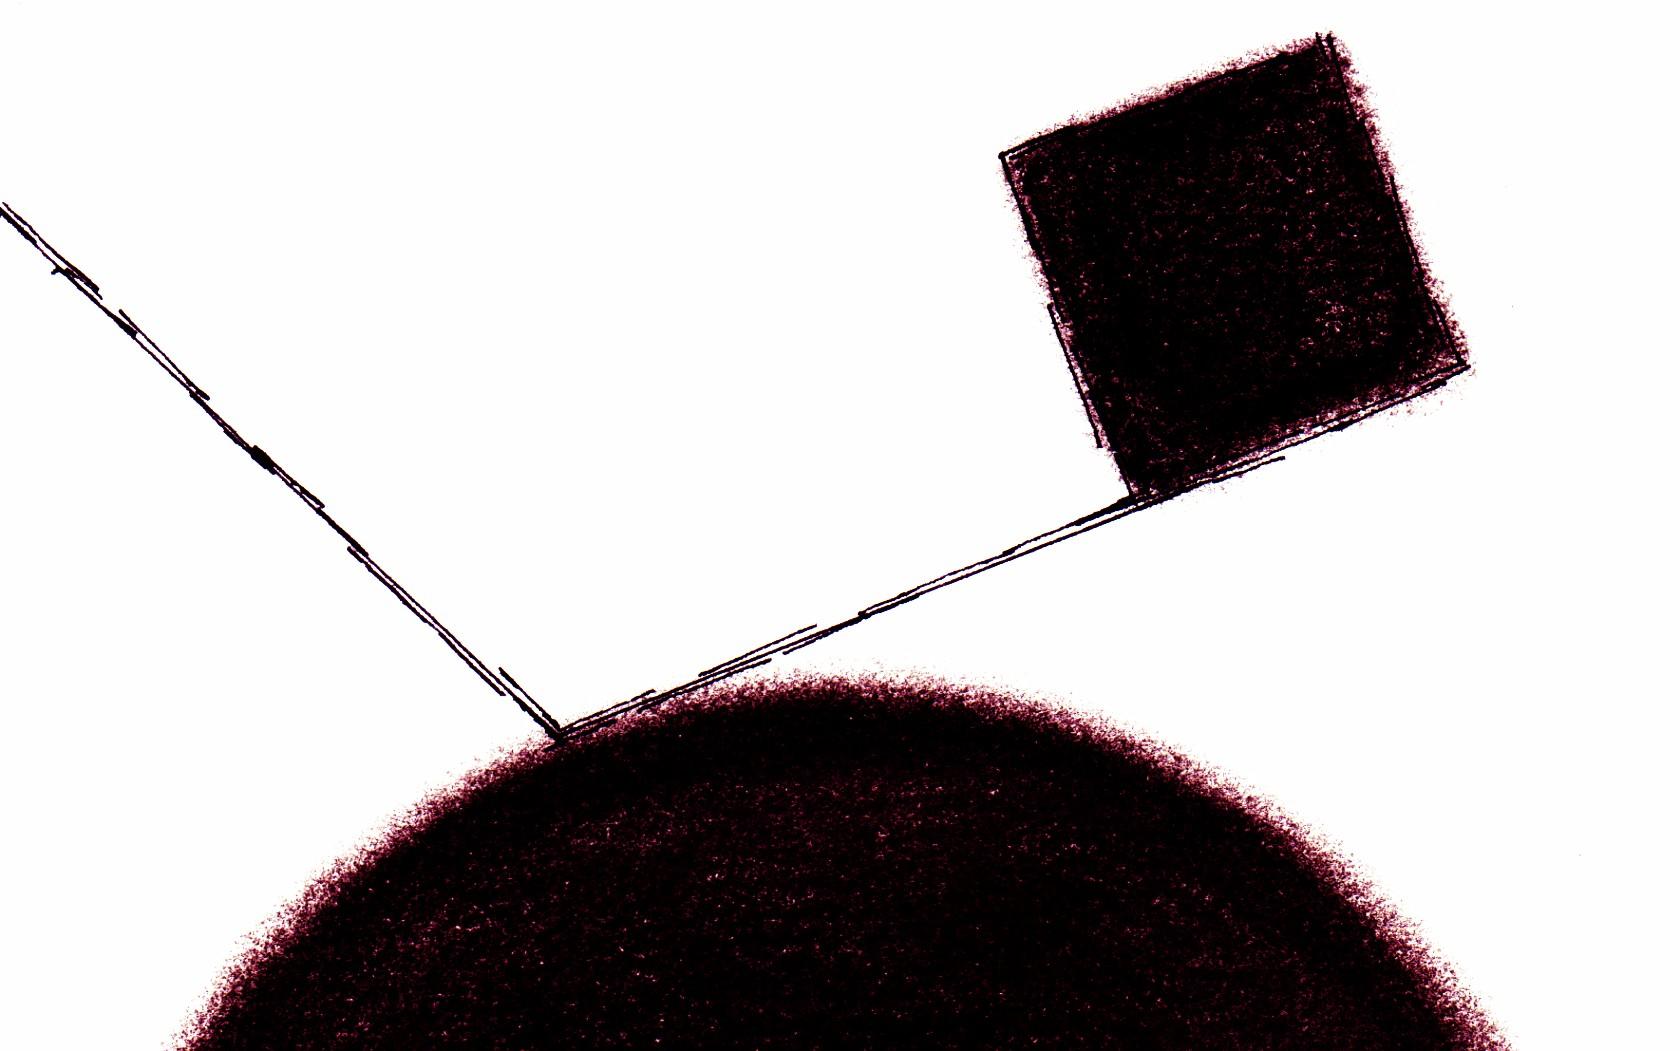 f0015226_19504291.jpg